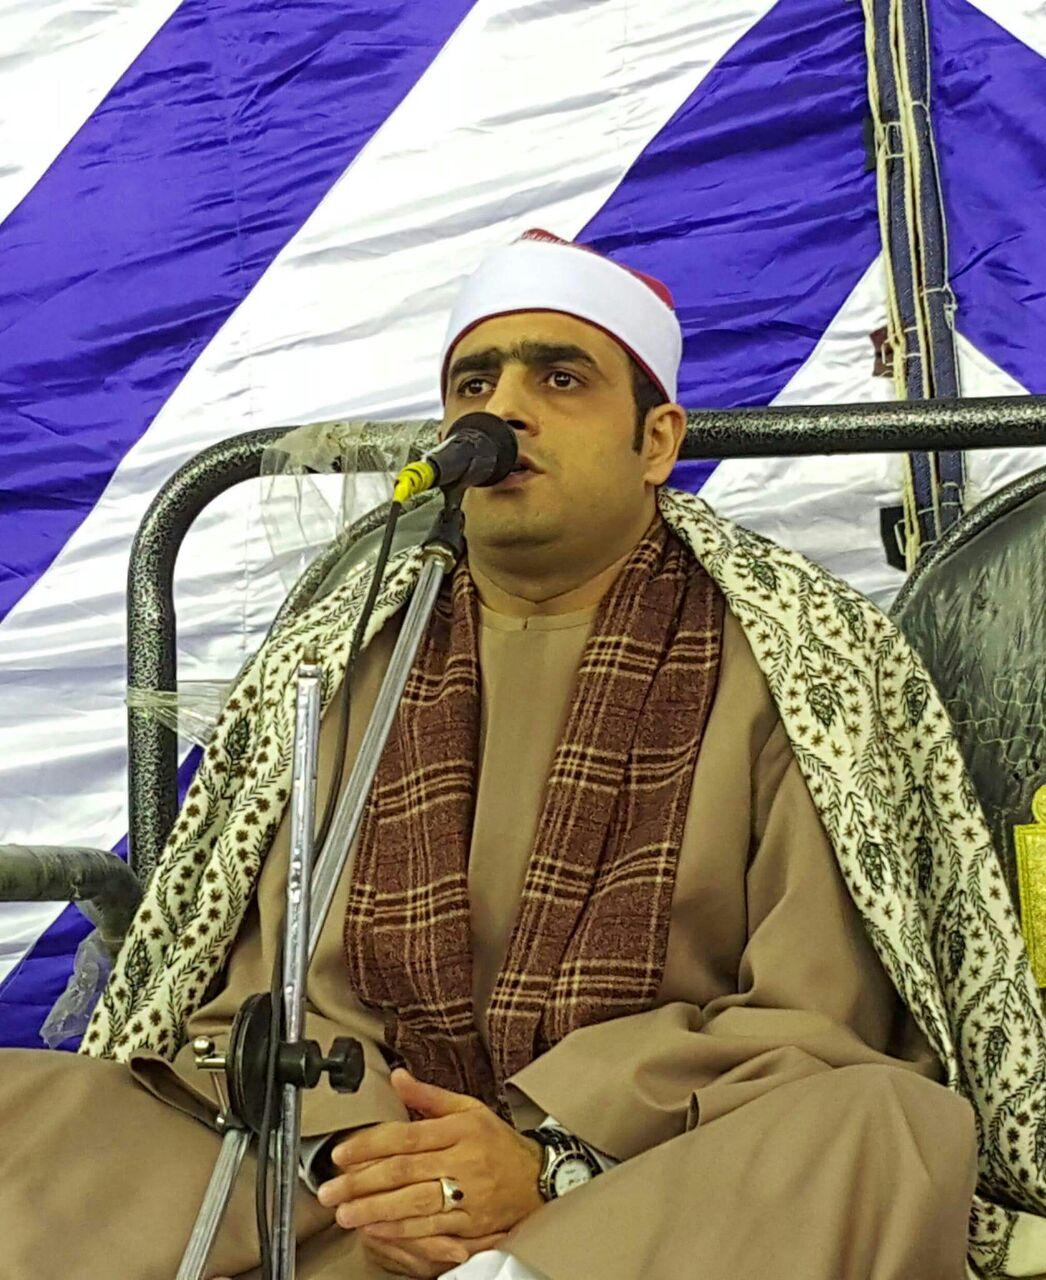 الشيخ أسامة محمد بسيونى فى إحدى الحفلات